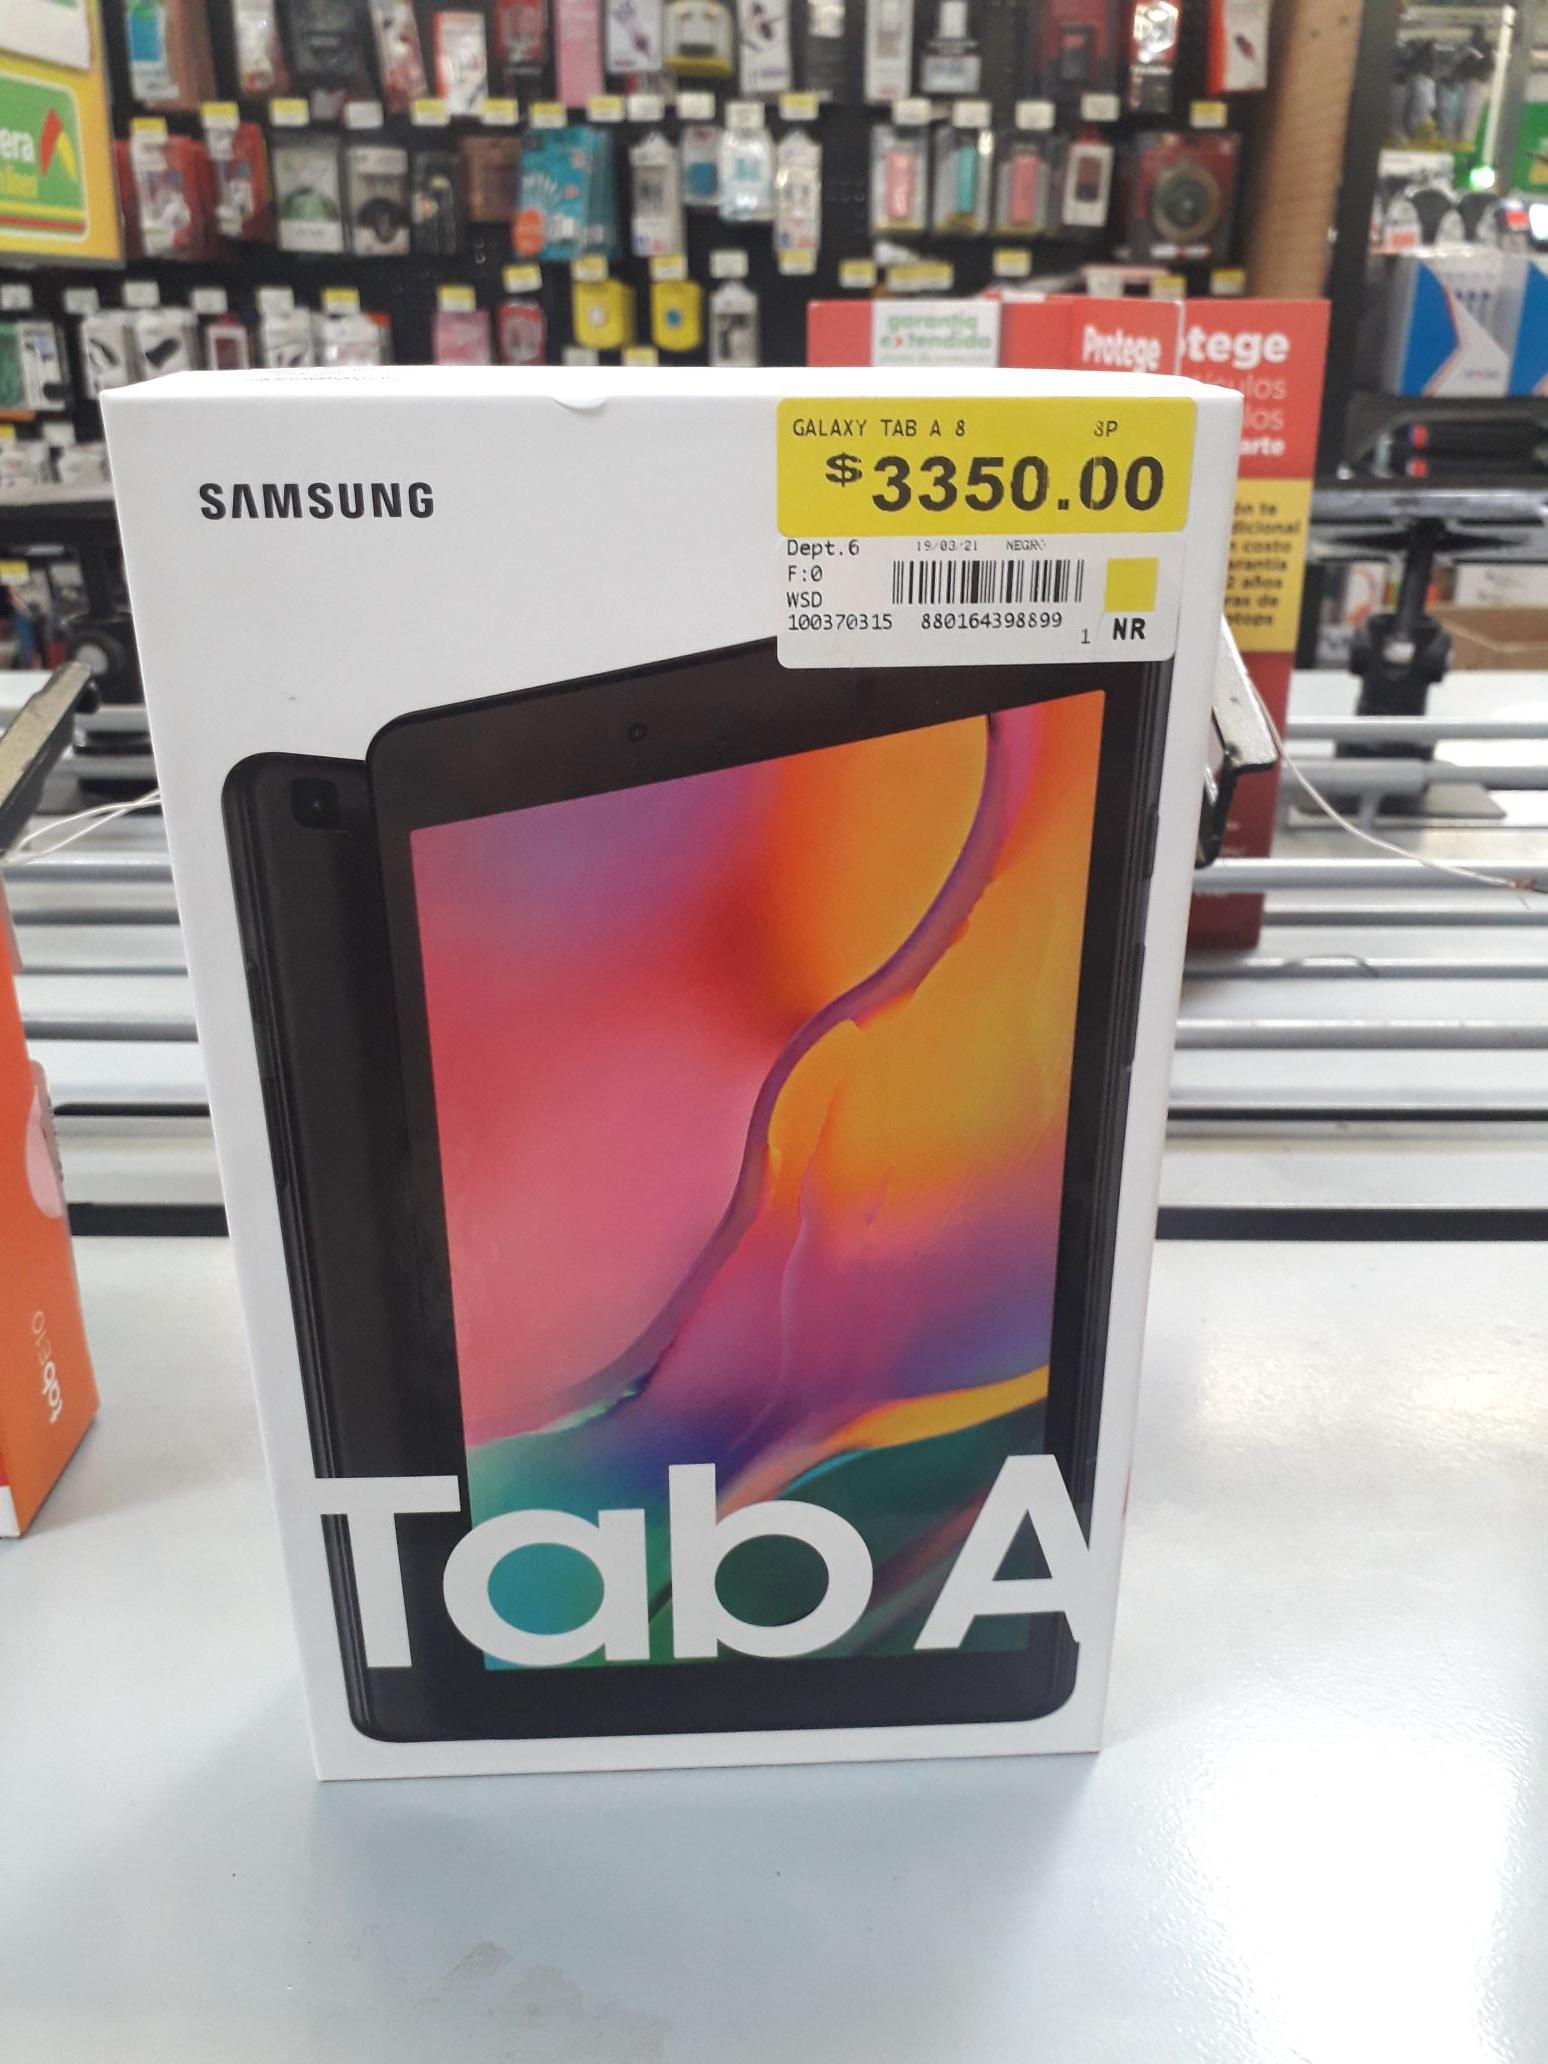 Bodega Aurrera Culiacán: Samsung Galaxy Tab A, 32GB